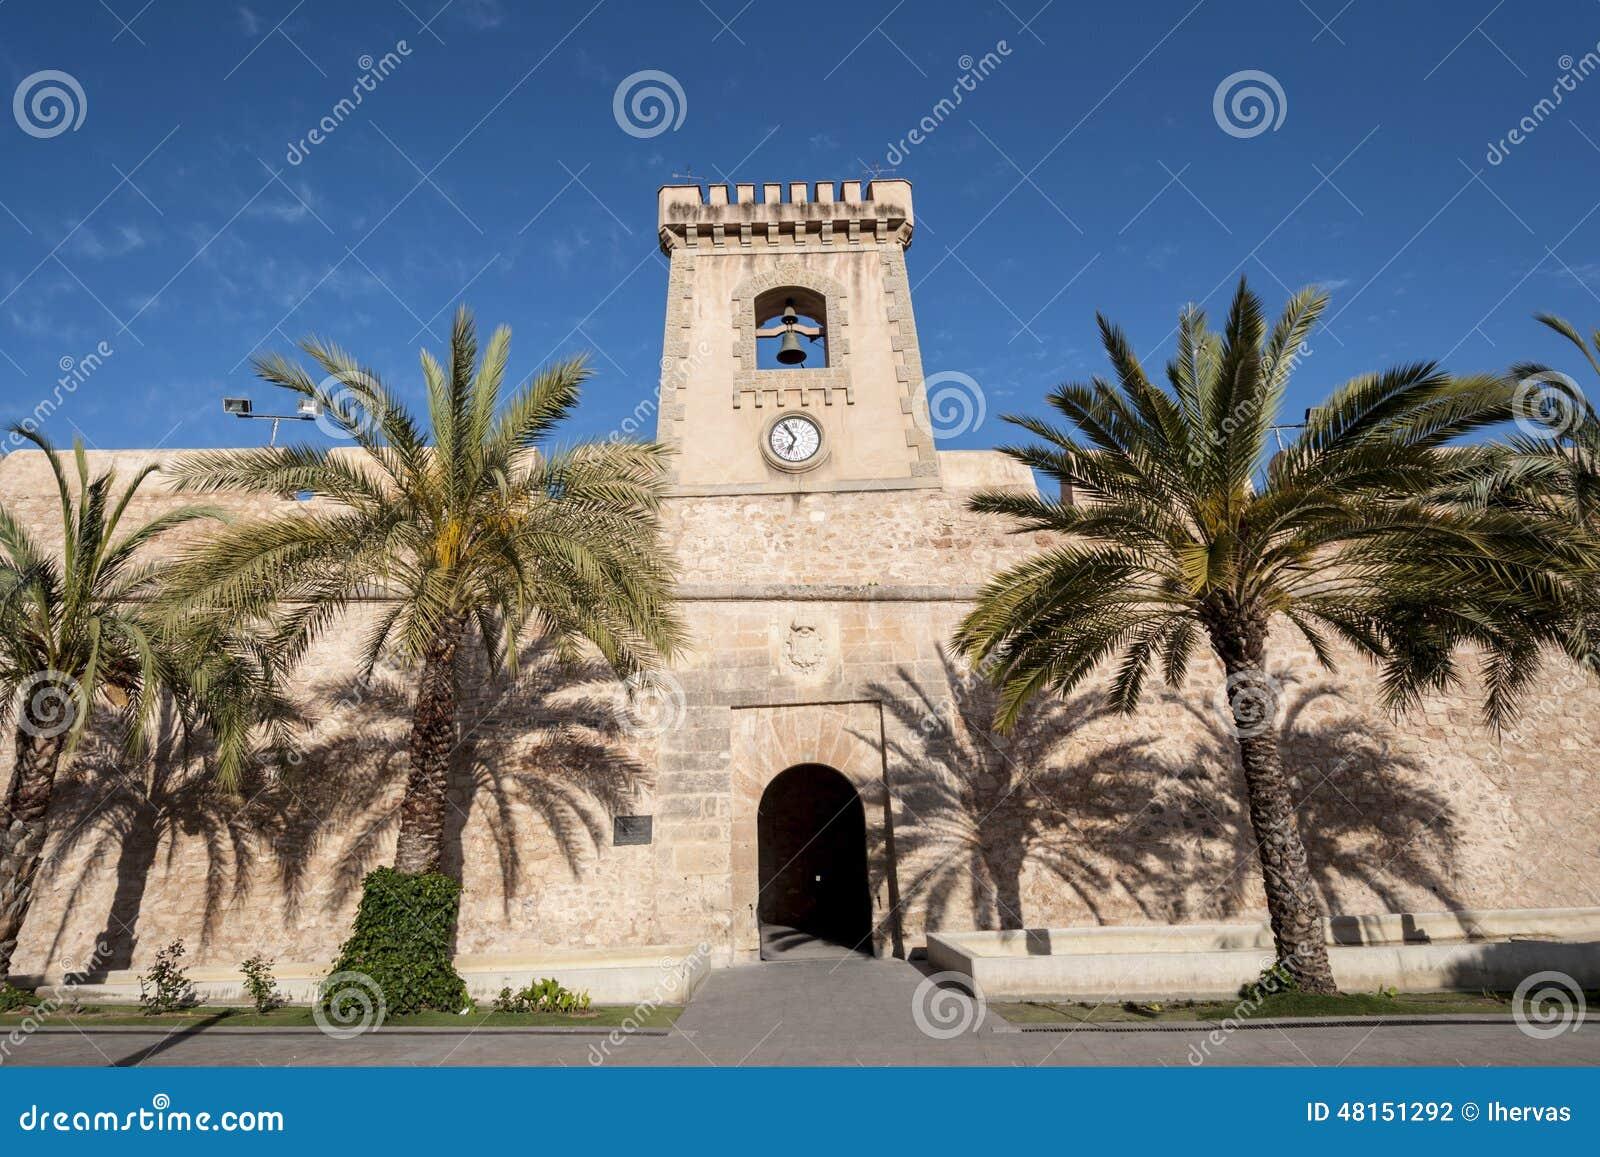 Castelo de Santa Pola